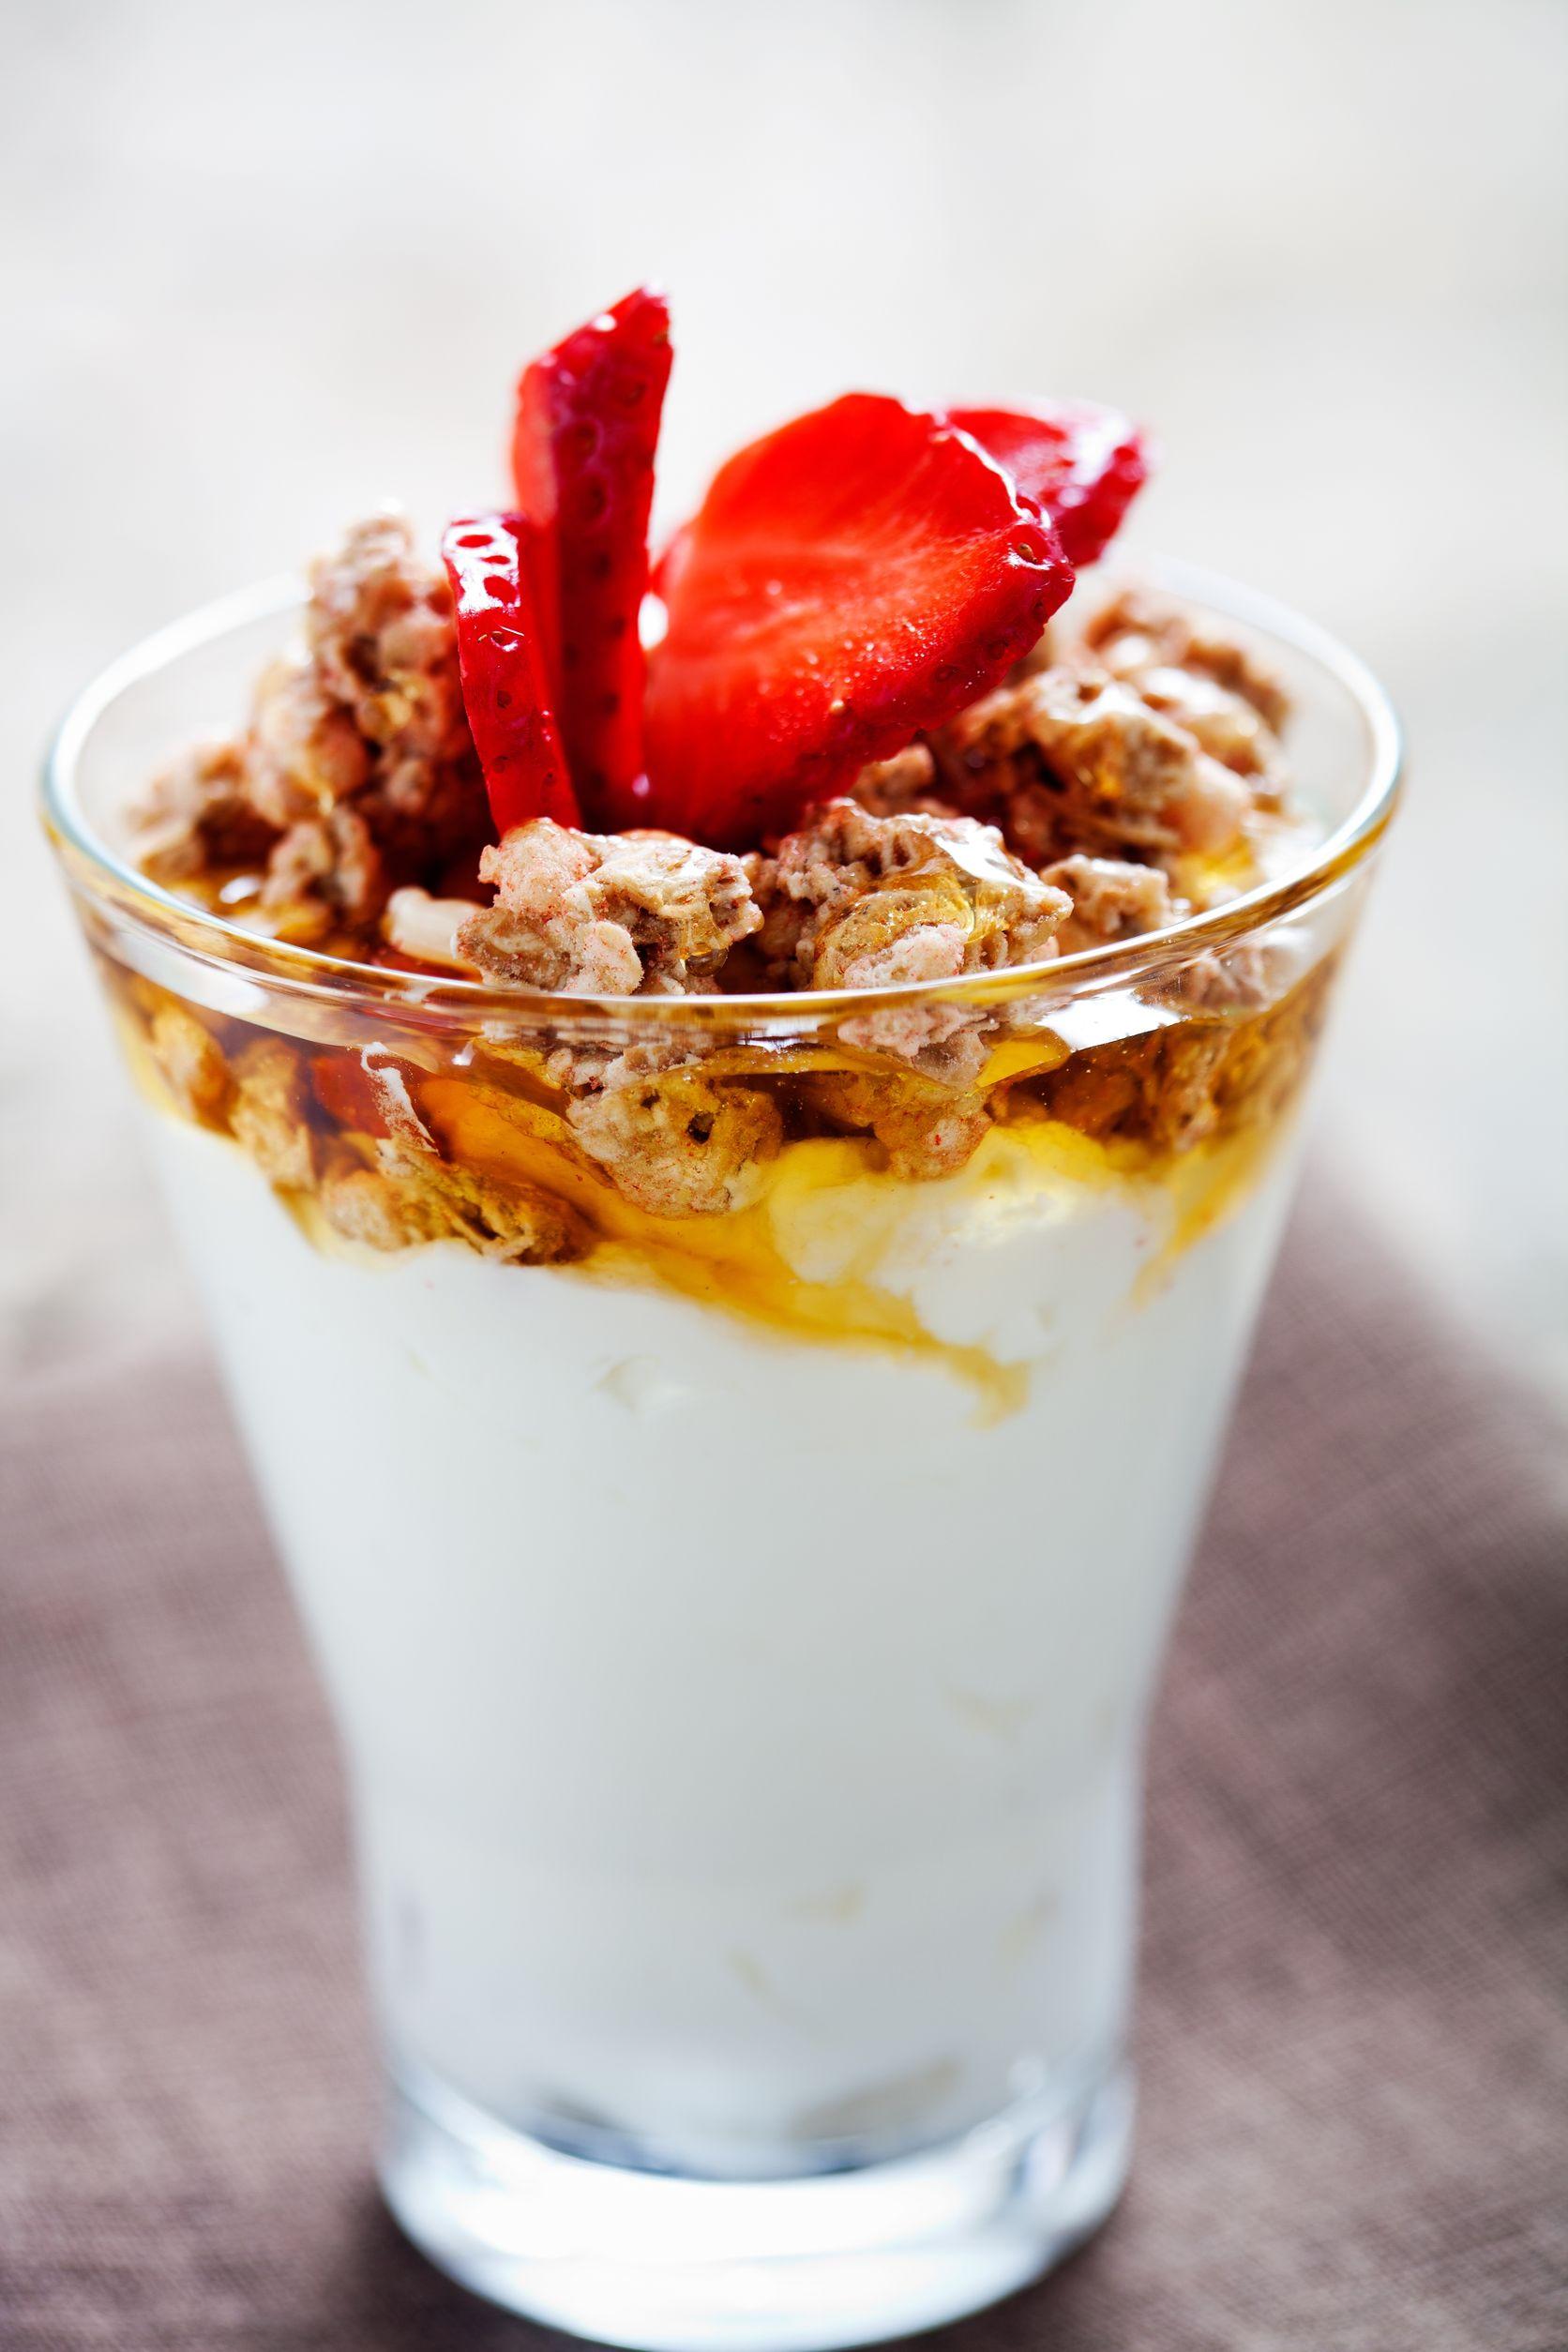 Squishy Mushy Yolo Froyo : io bevo io soft, distributori per la preparazione di gelati e yogurt